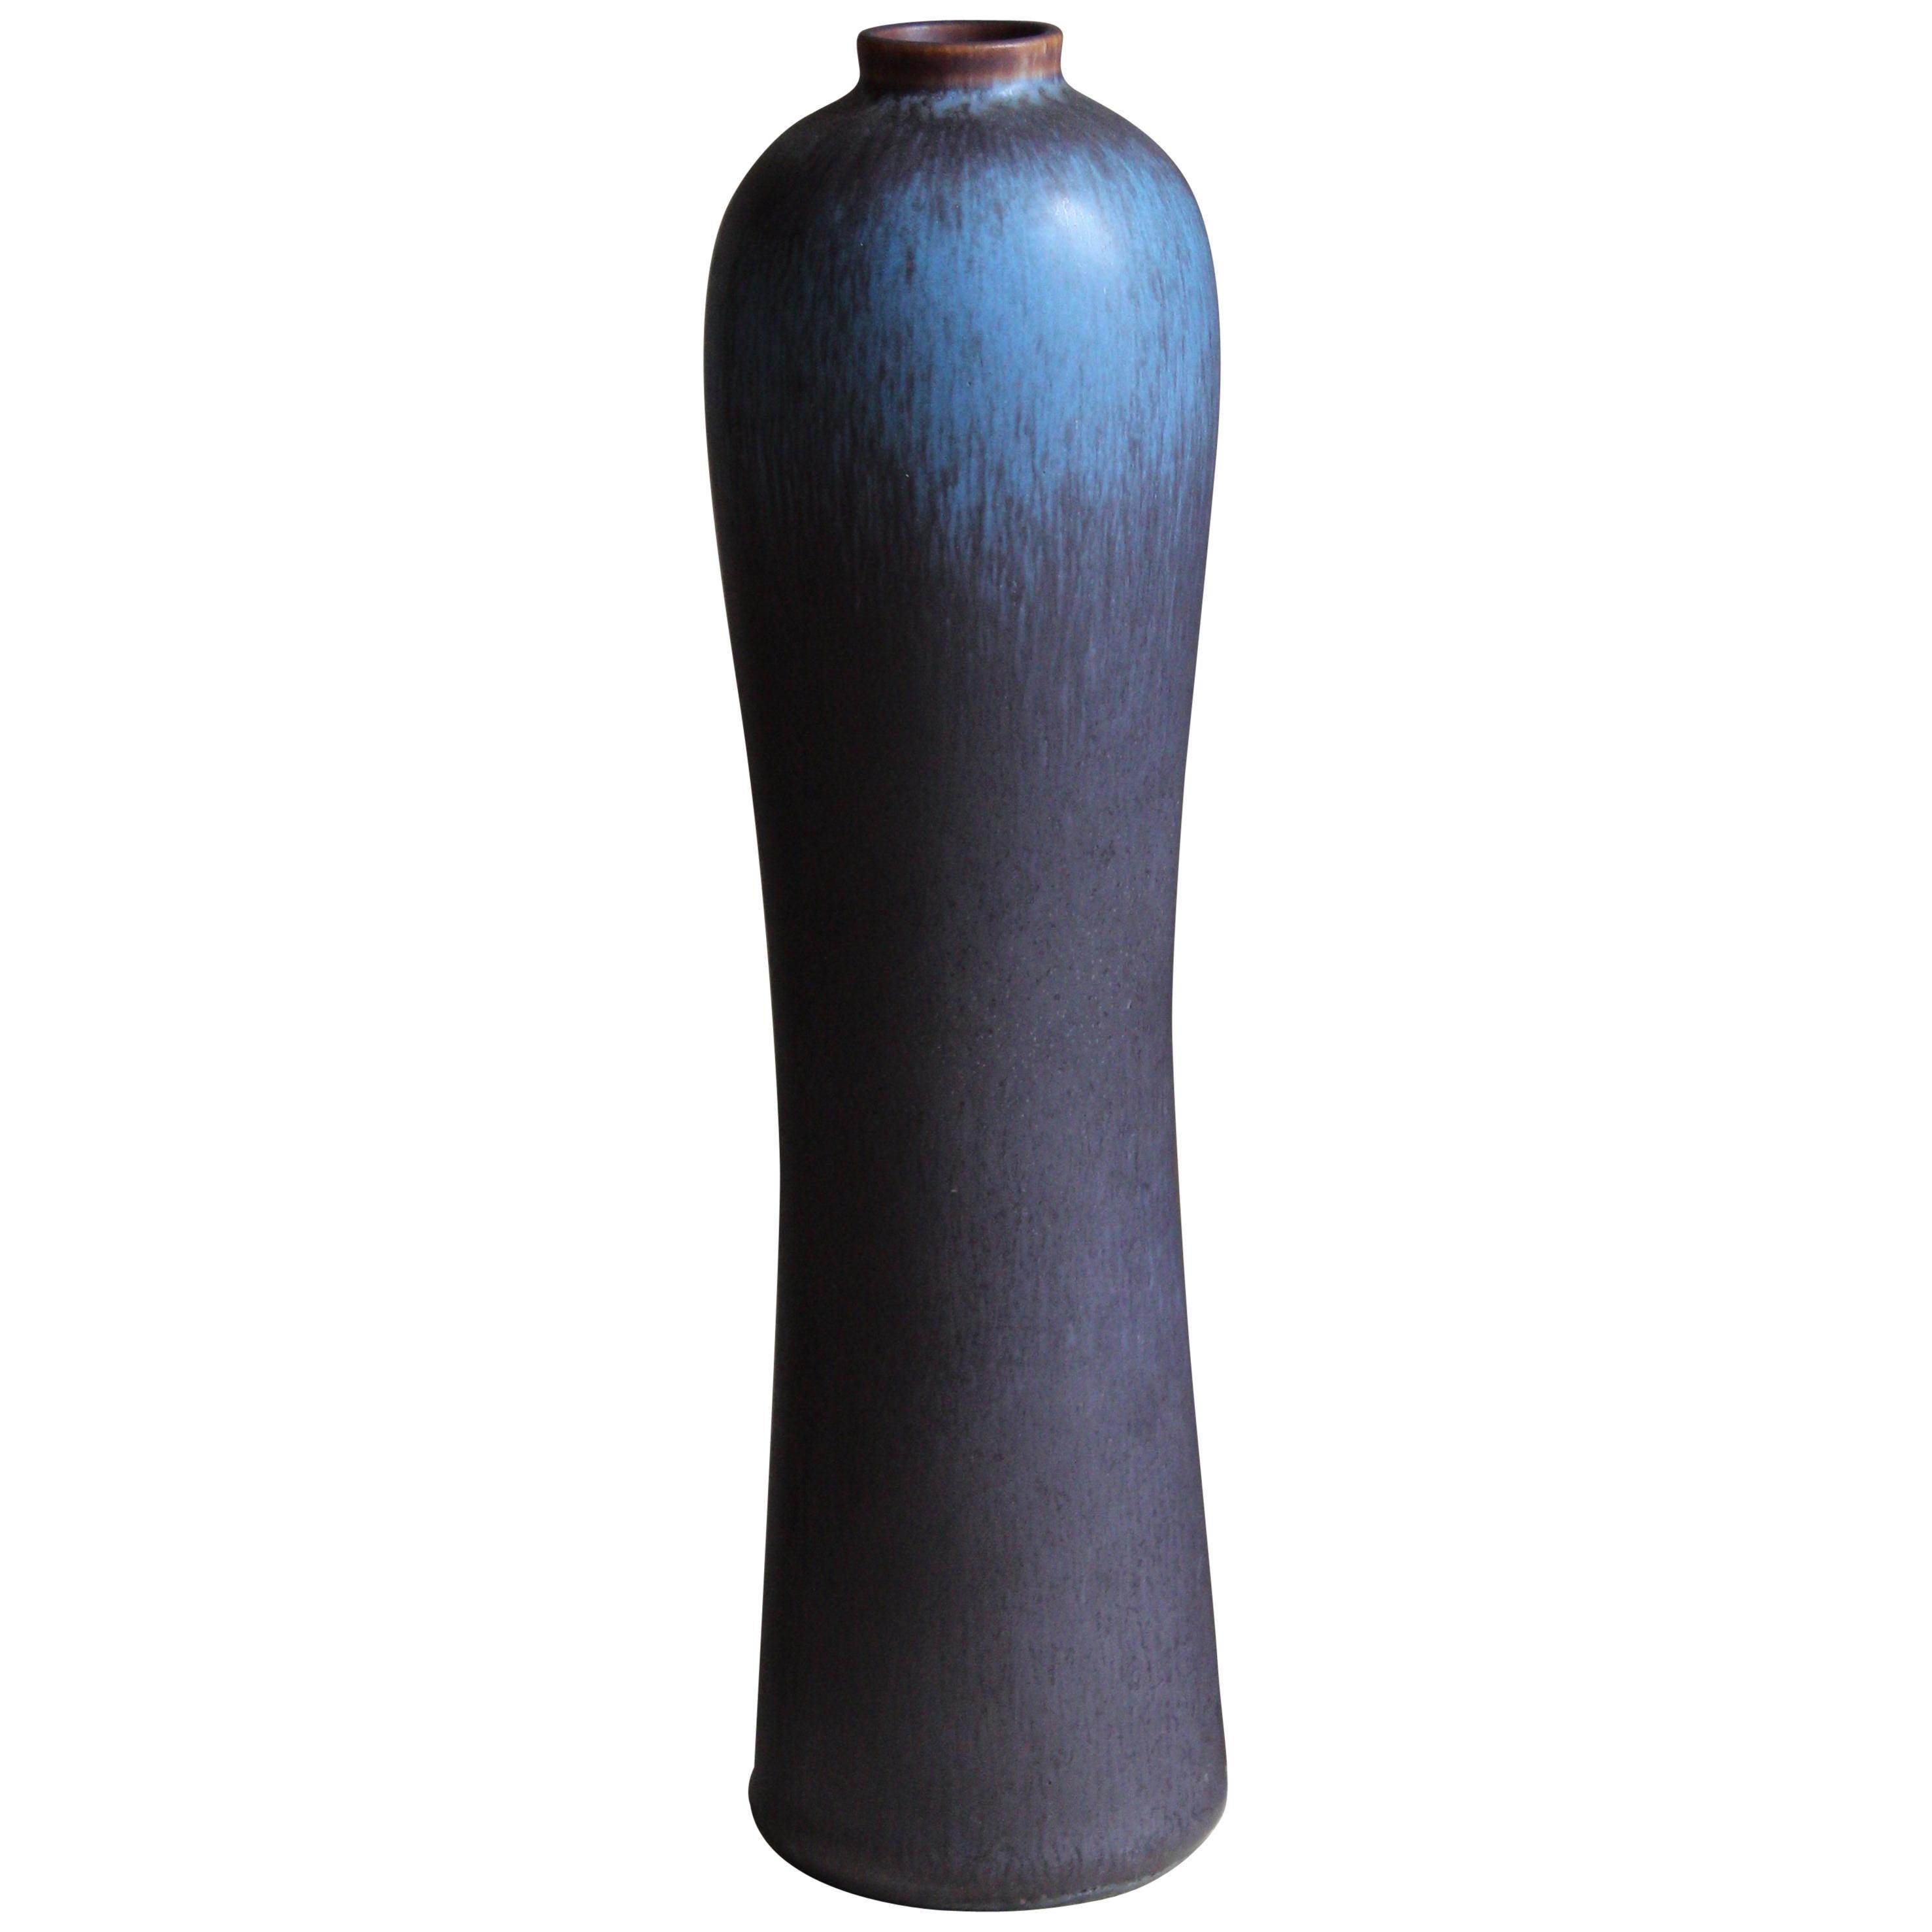 Gunnar Nylund, Vase or Vessel, Blue-Glazed Stoneware, Rörstand, Sweden, 1950s